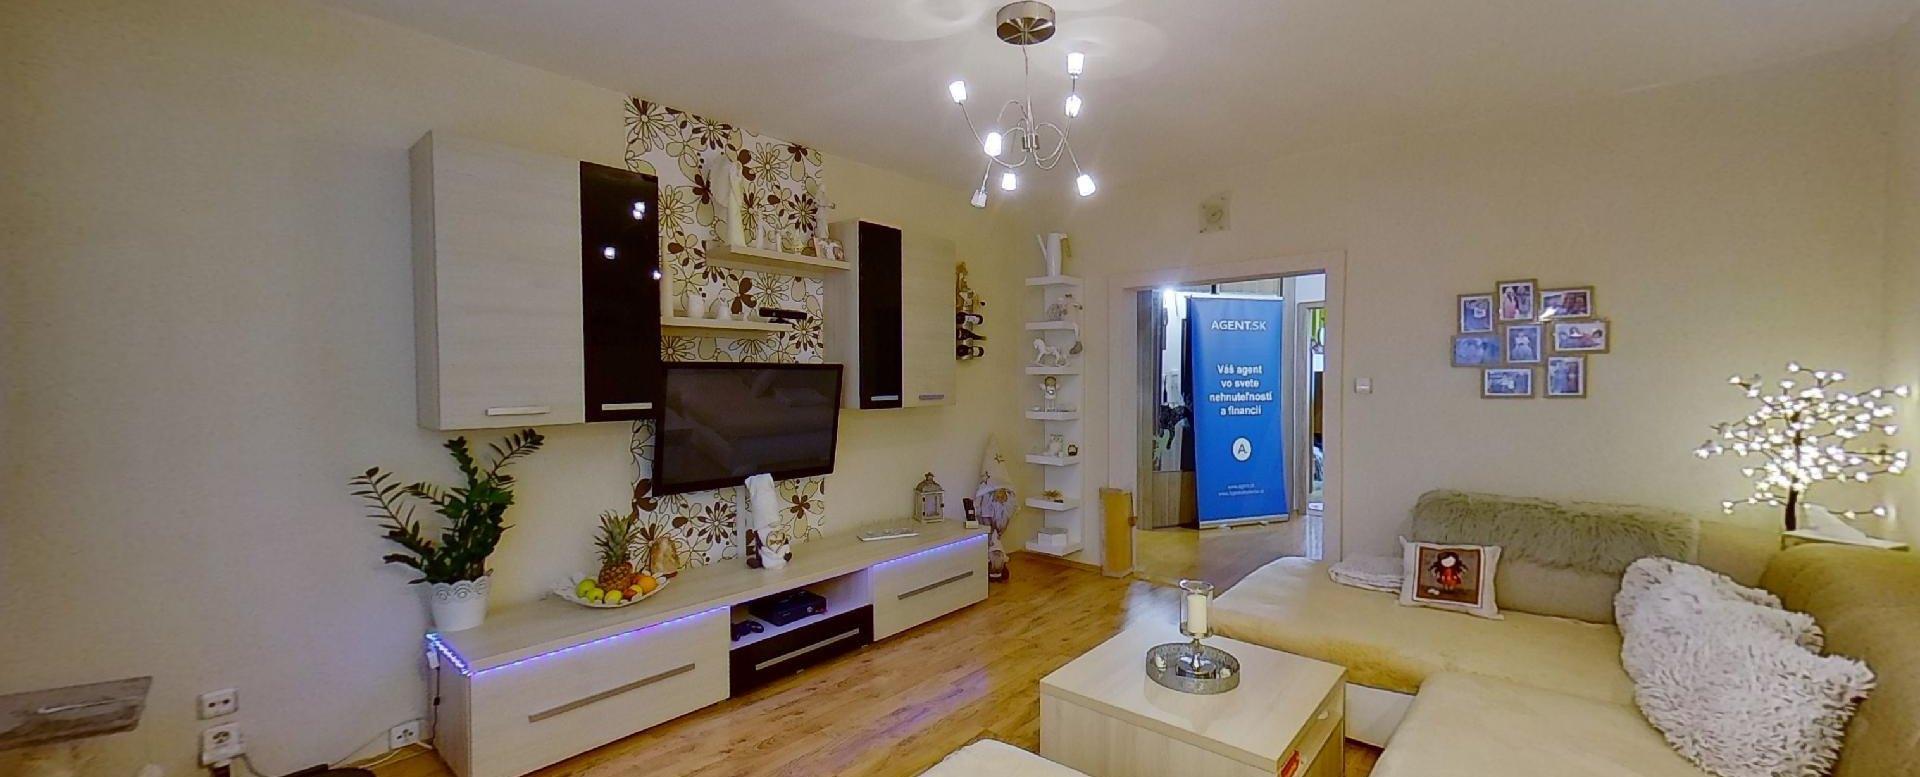 Obývačka a TV pohľad 2